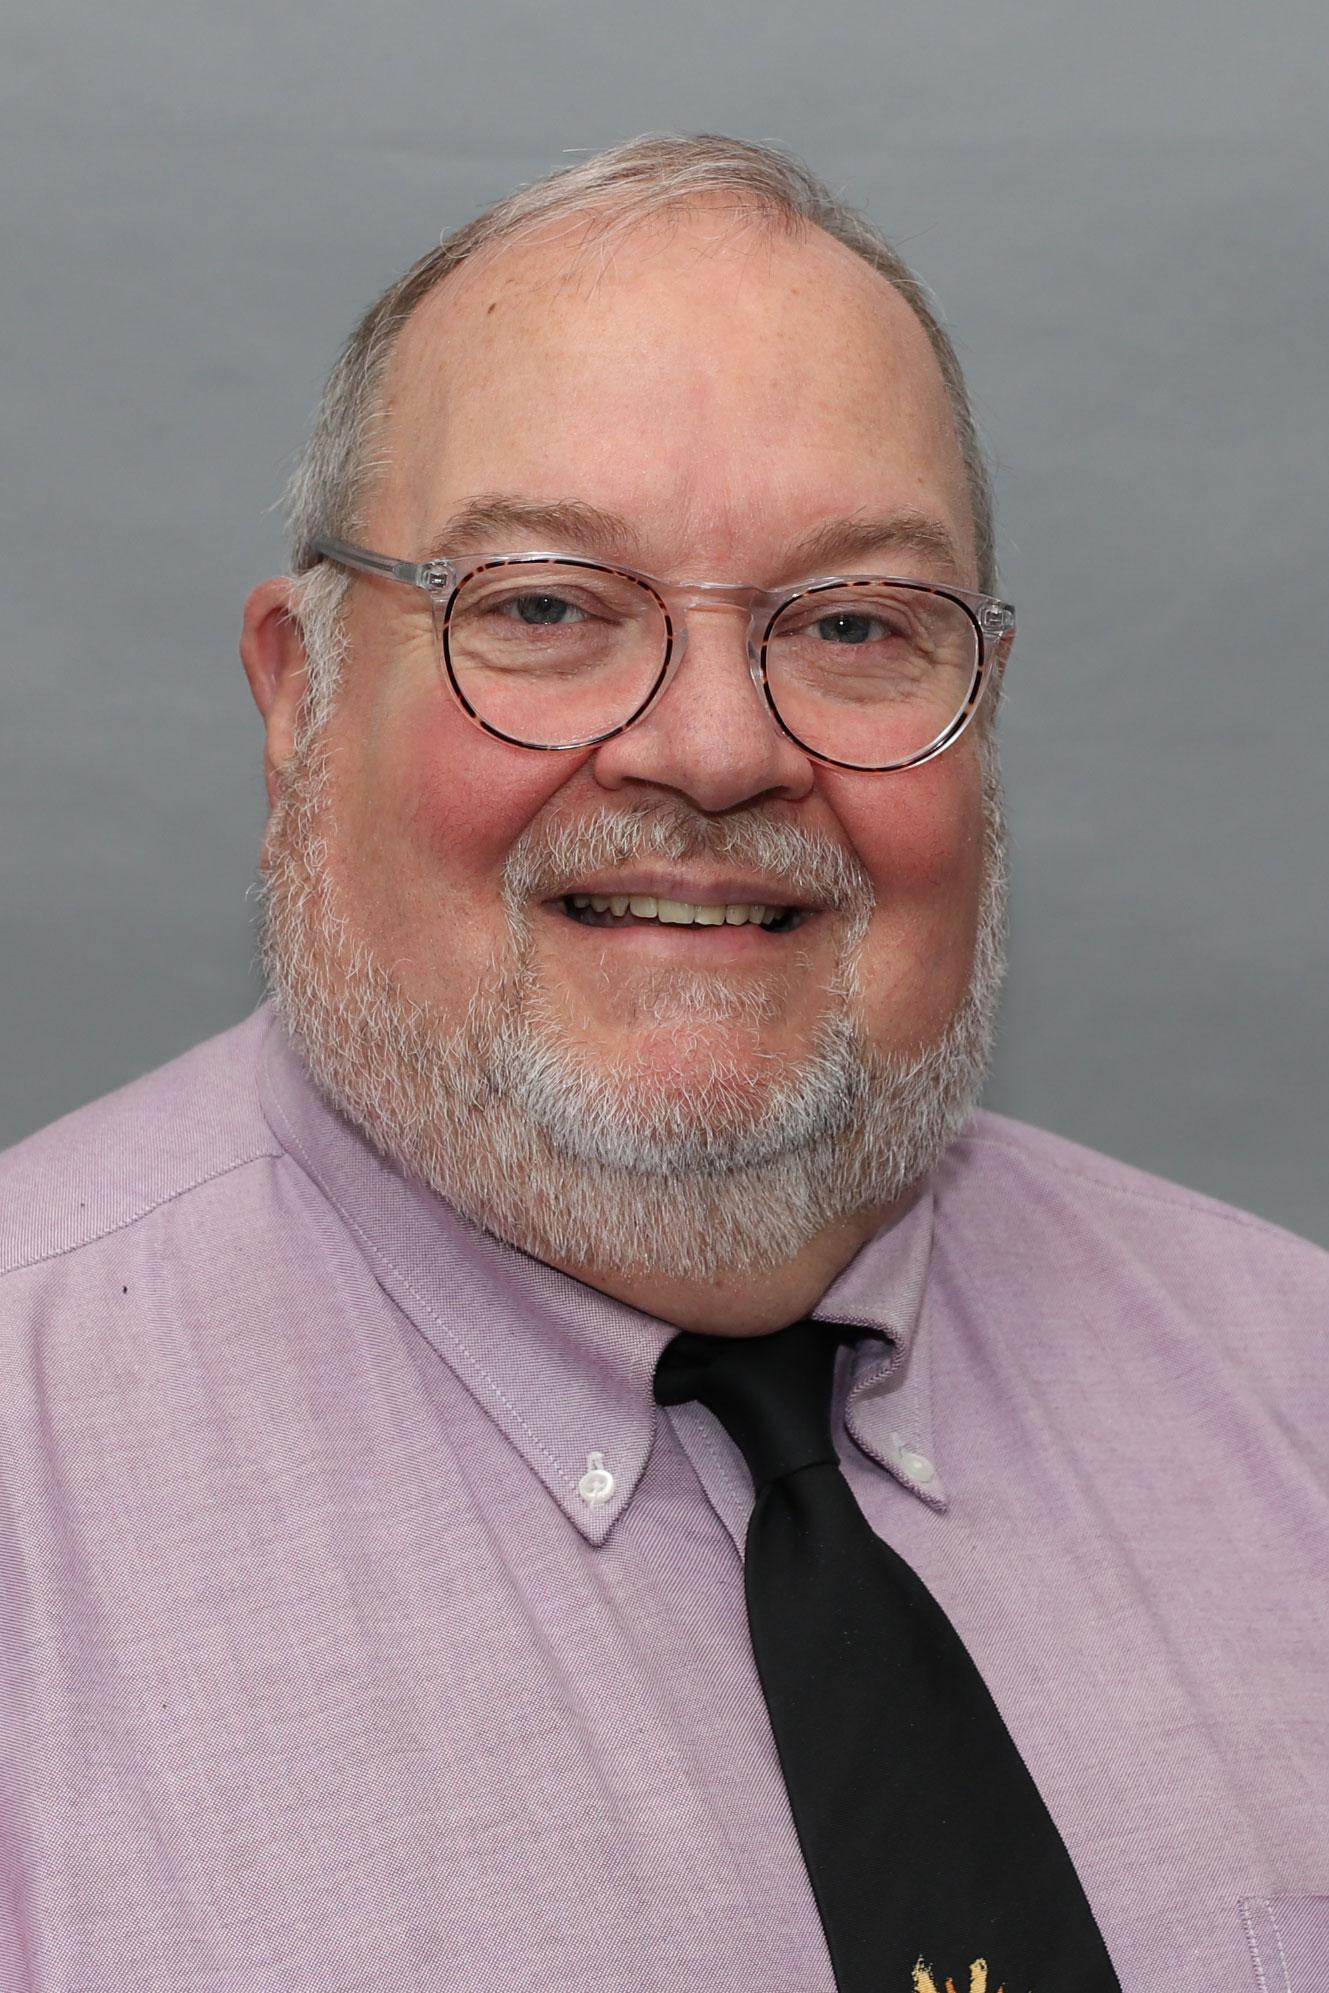 William Horgan